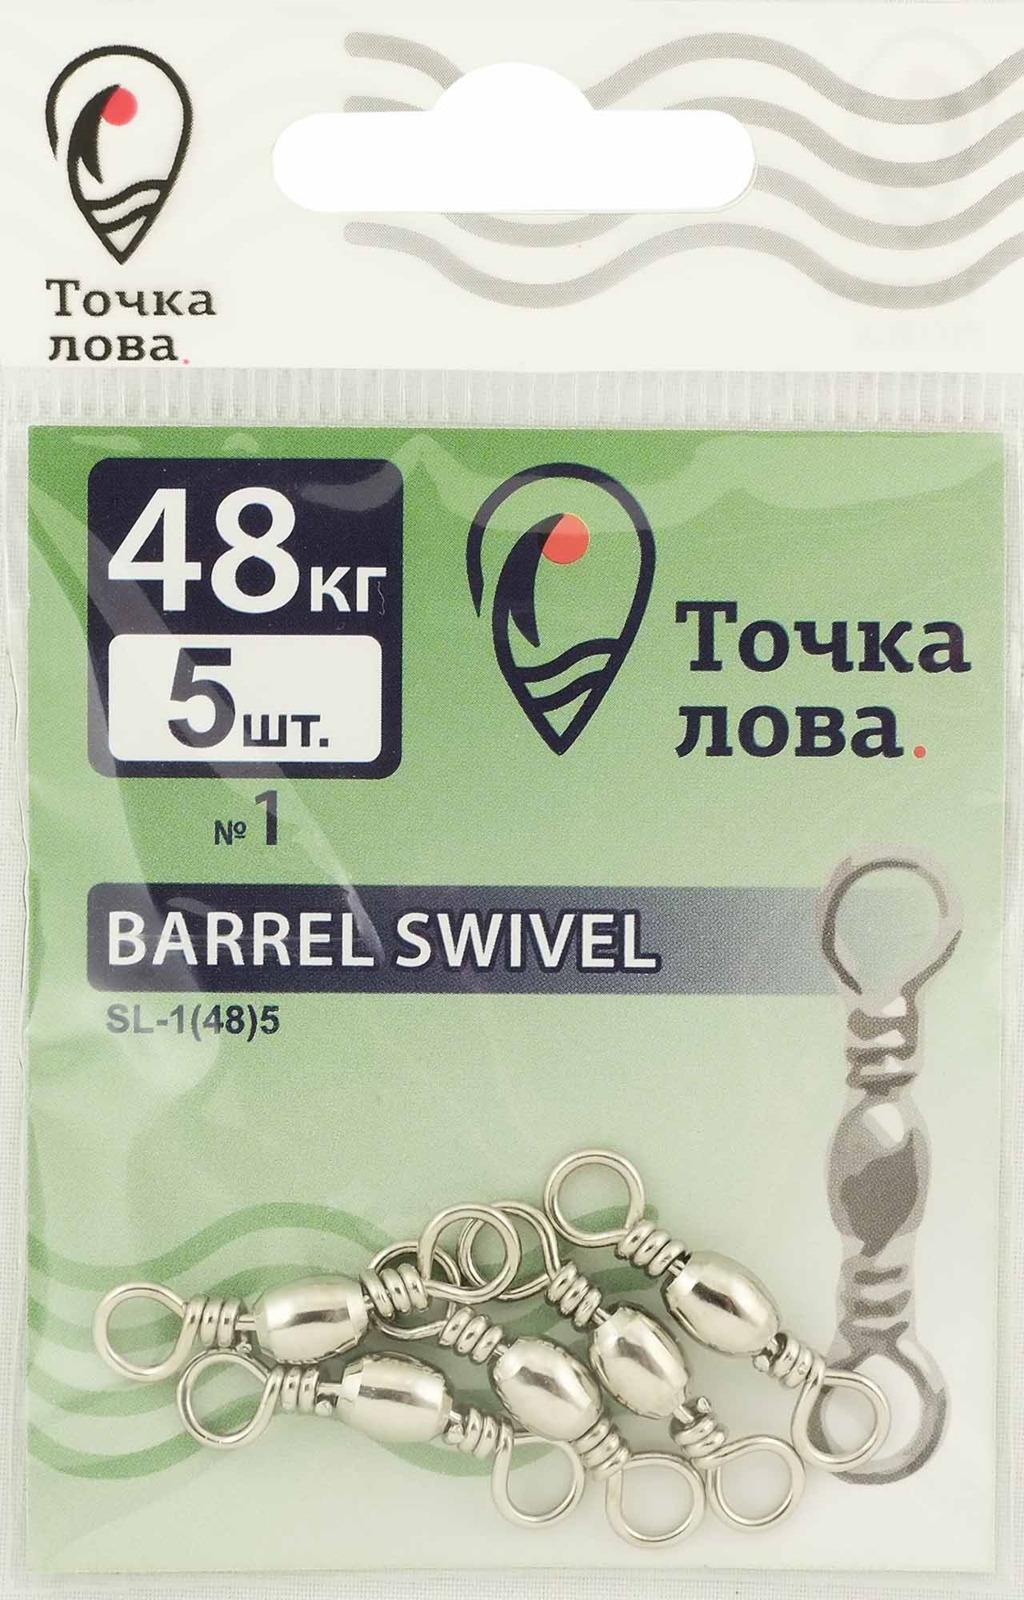 Вертлюг рыболовный Точка Лова Бочка, SL-1(48), 5 шт